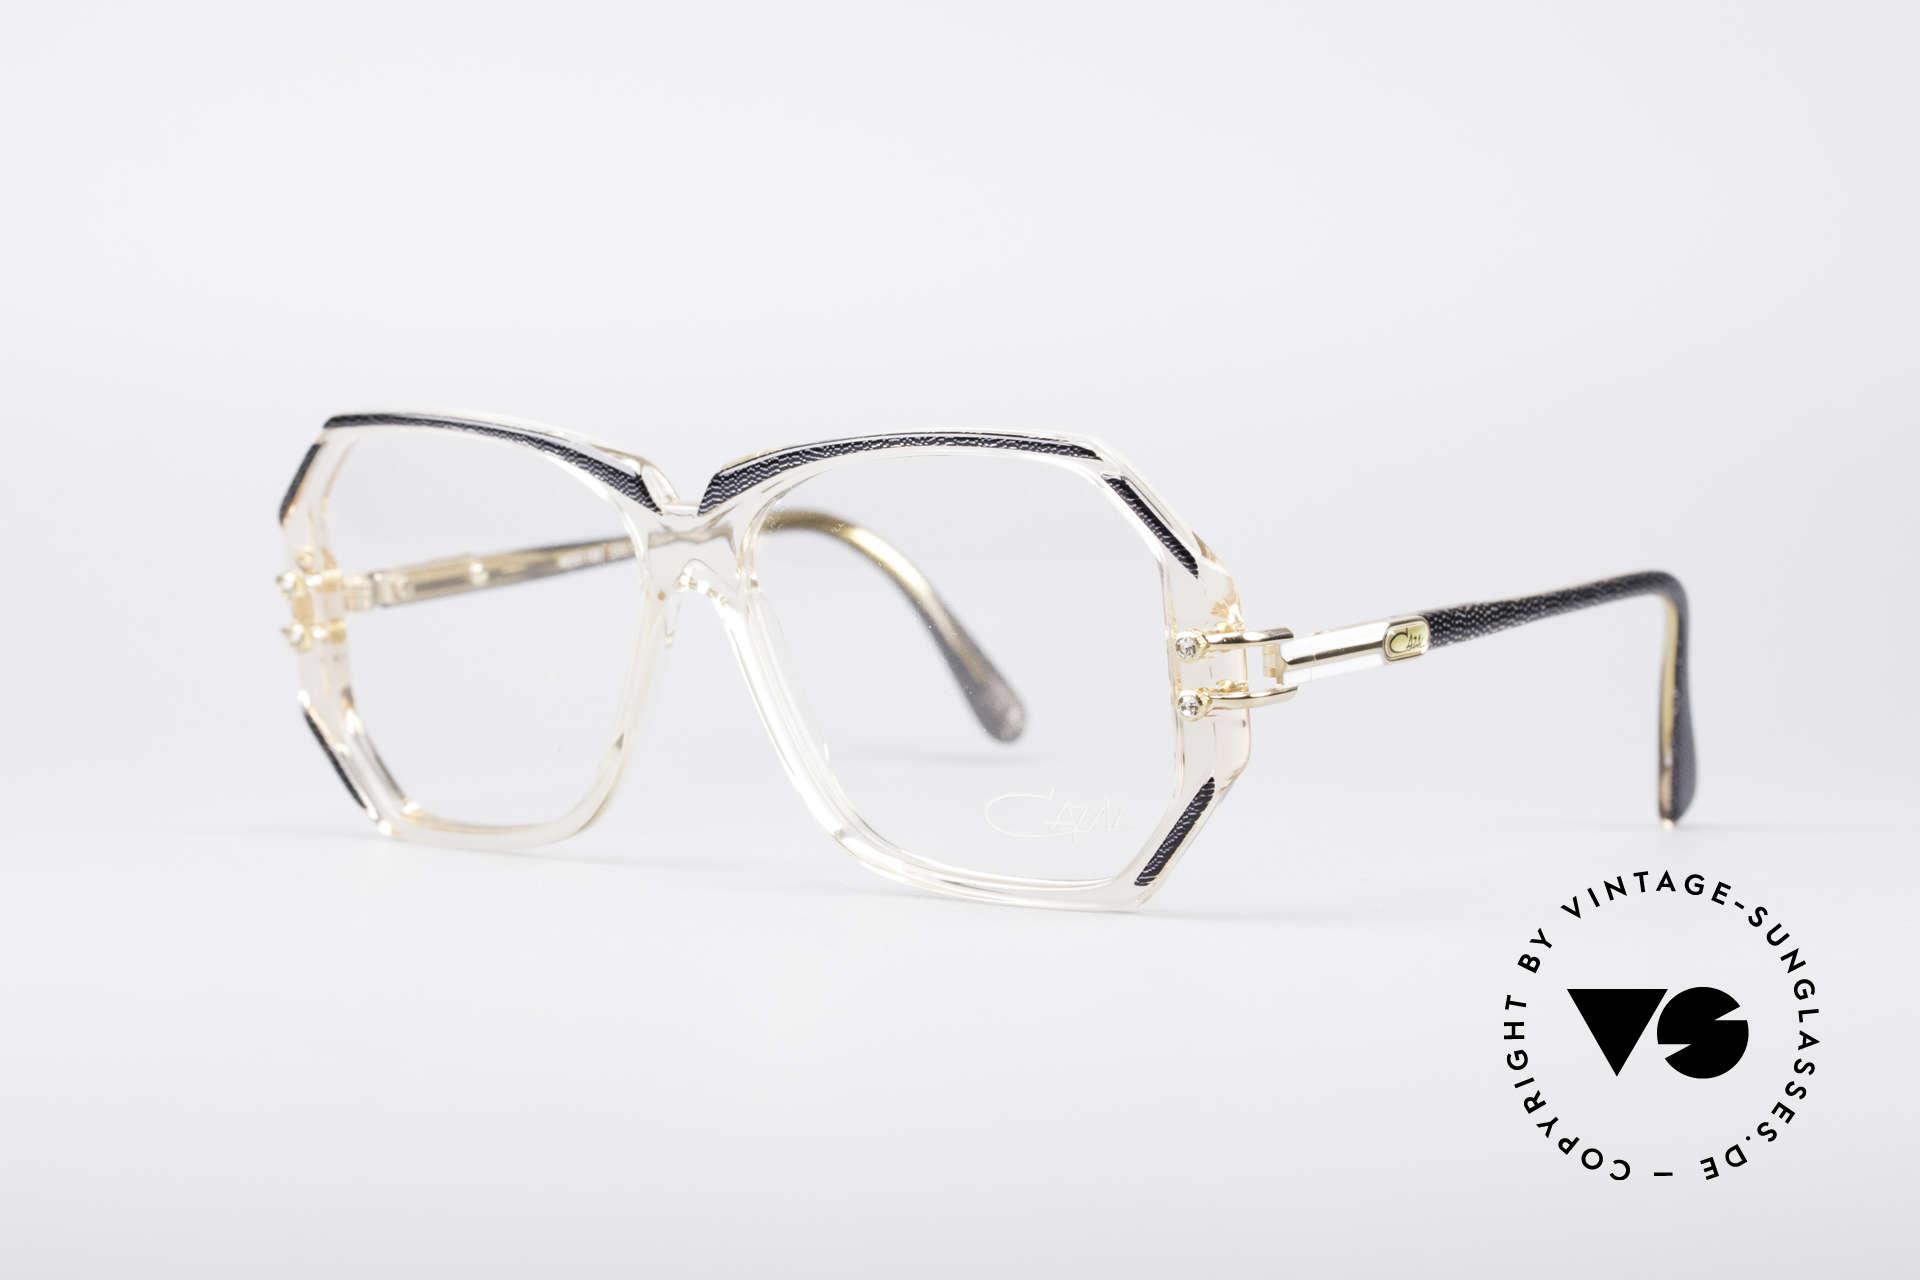 Cazal 169 Vintage Designer Brille, kristallklare Fassung mit anthrazit-metallic Umrandungen, Passend für Damen